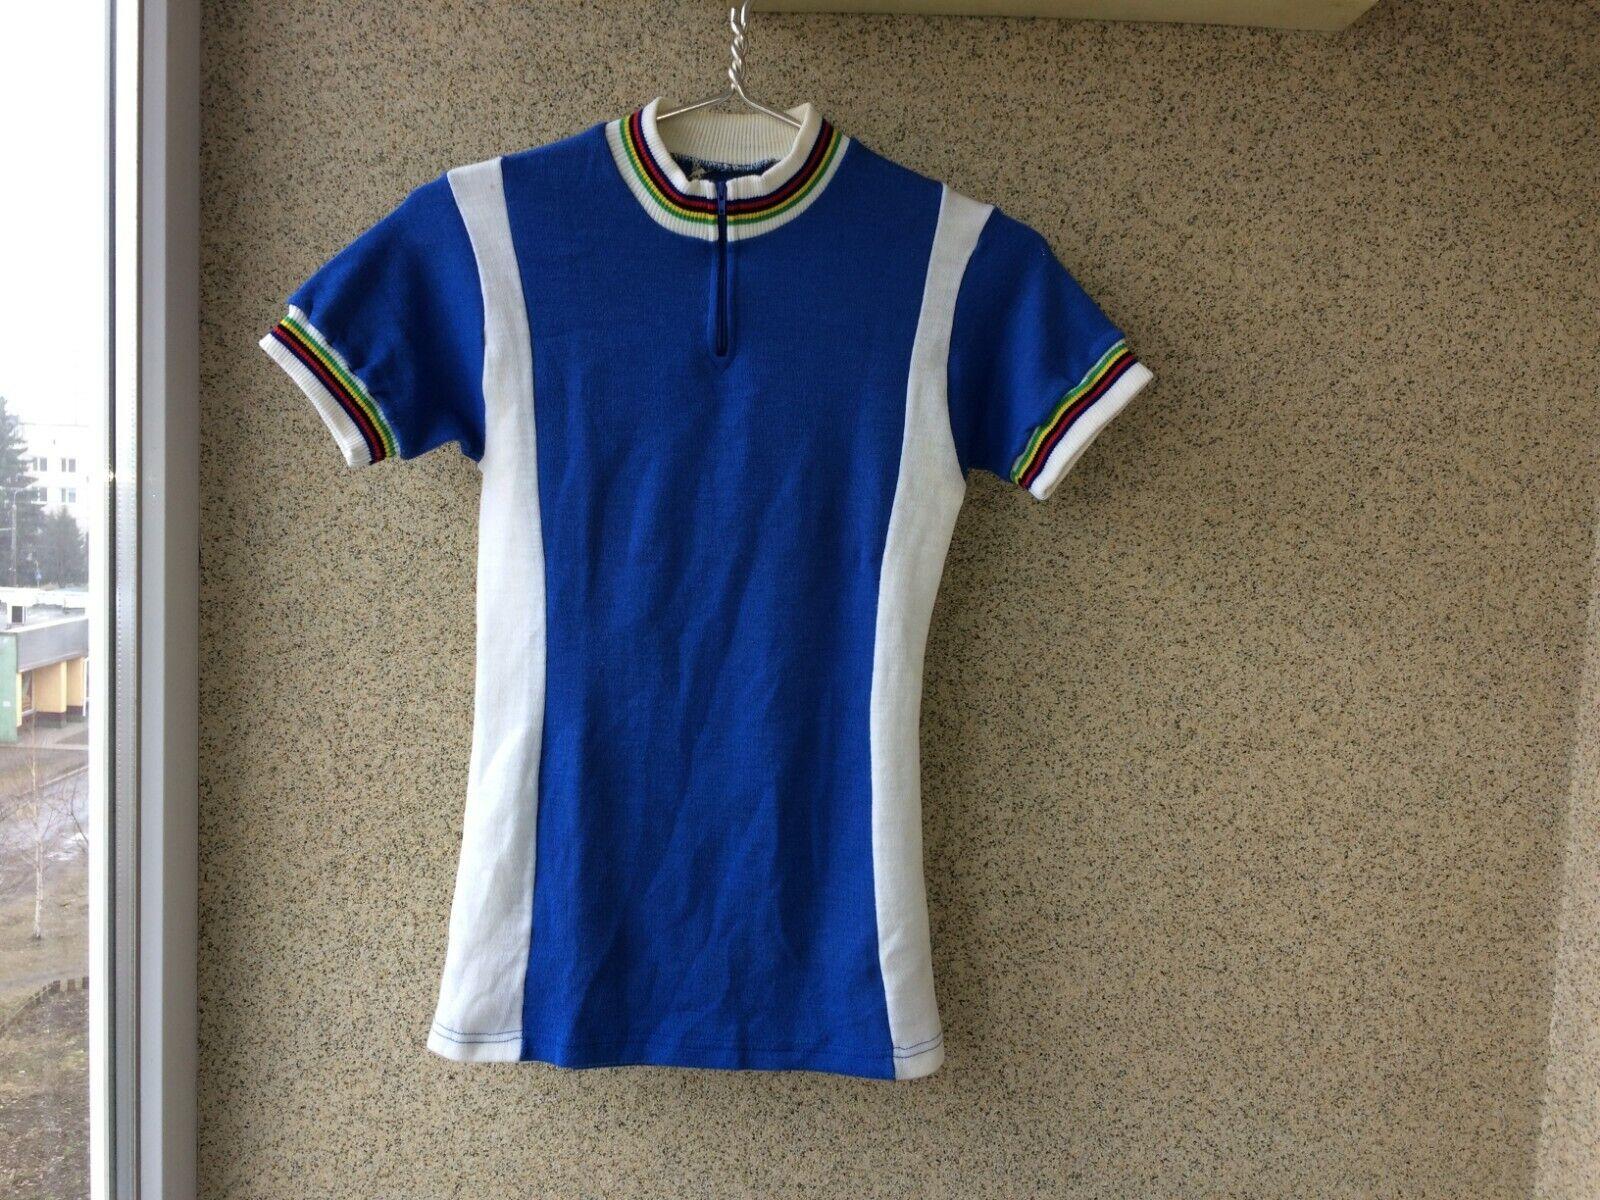 CAMPITELLO Cycling Shirt 1970 1975 Jersey 2 Belgium Camiseta Vintage